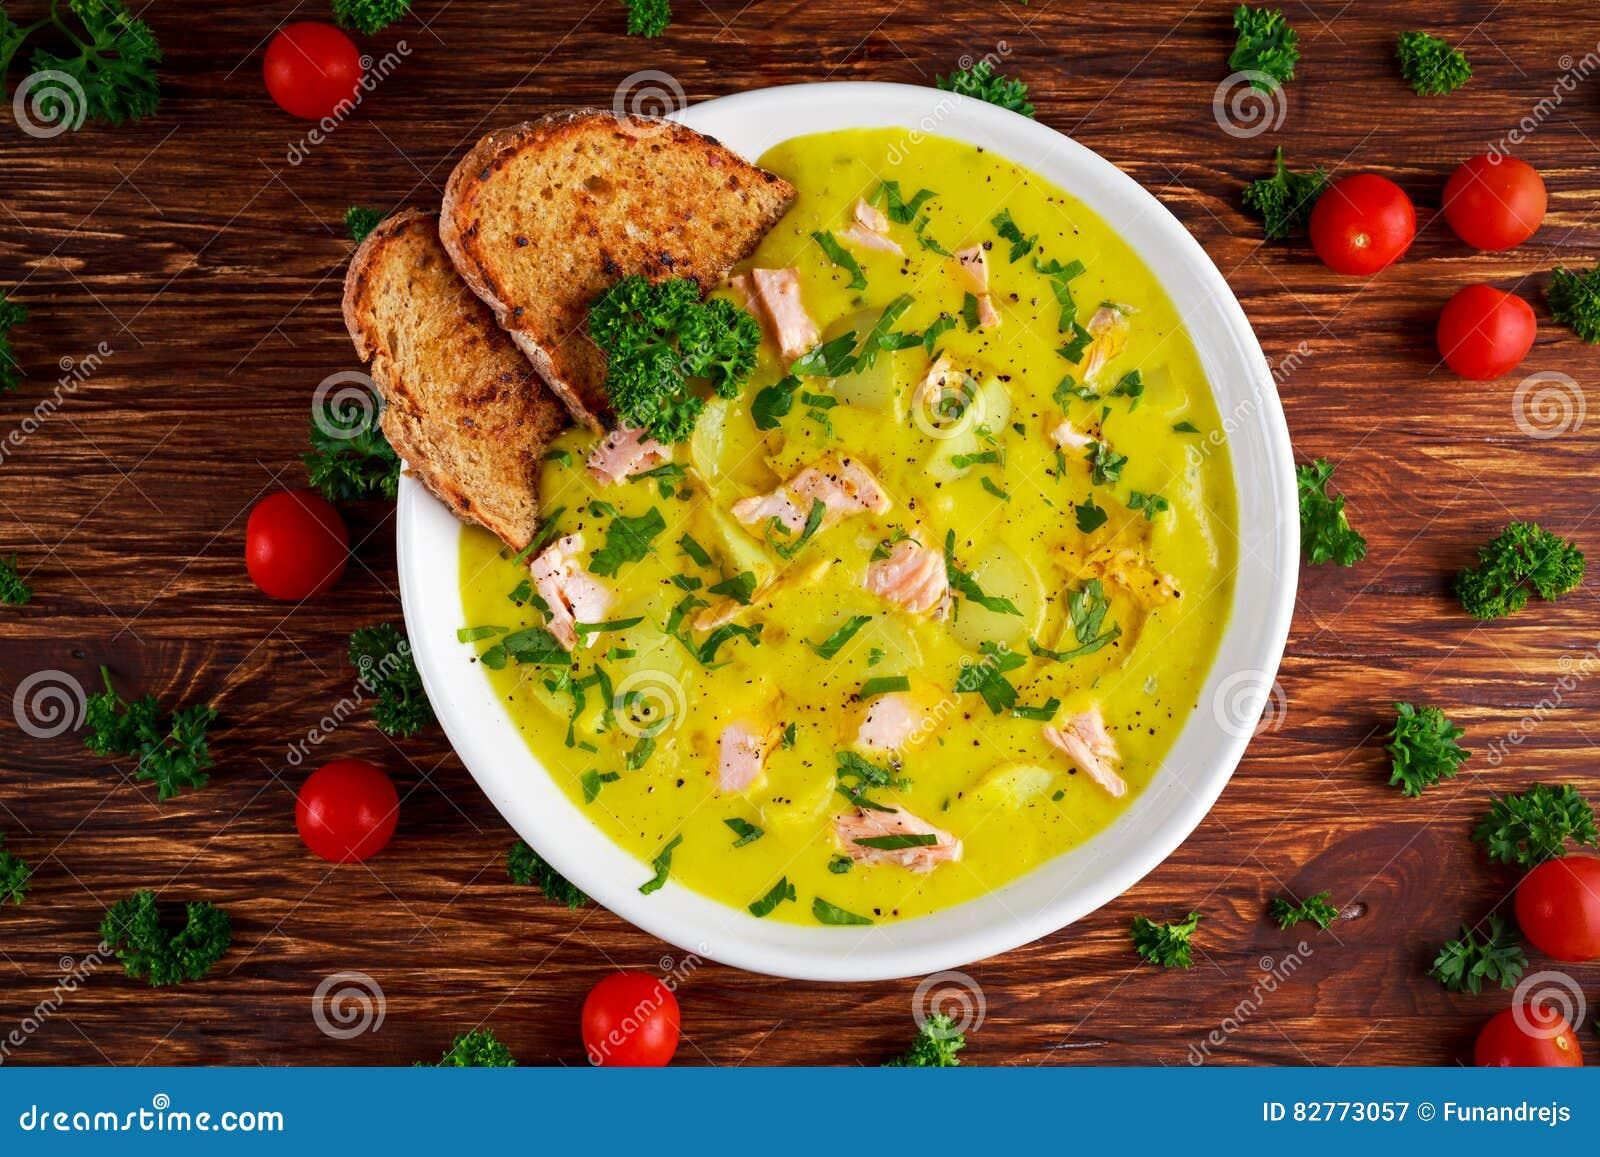 Krämig fisklax, purjolök, potatissoppa på träbakgrund